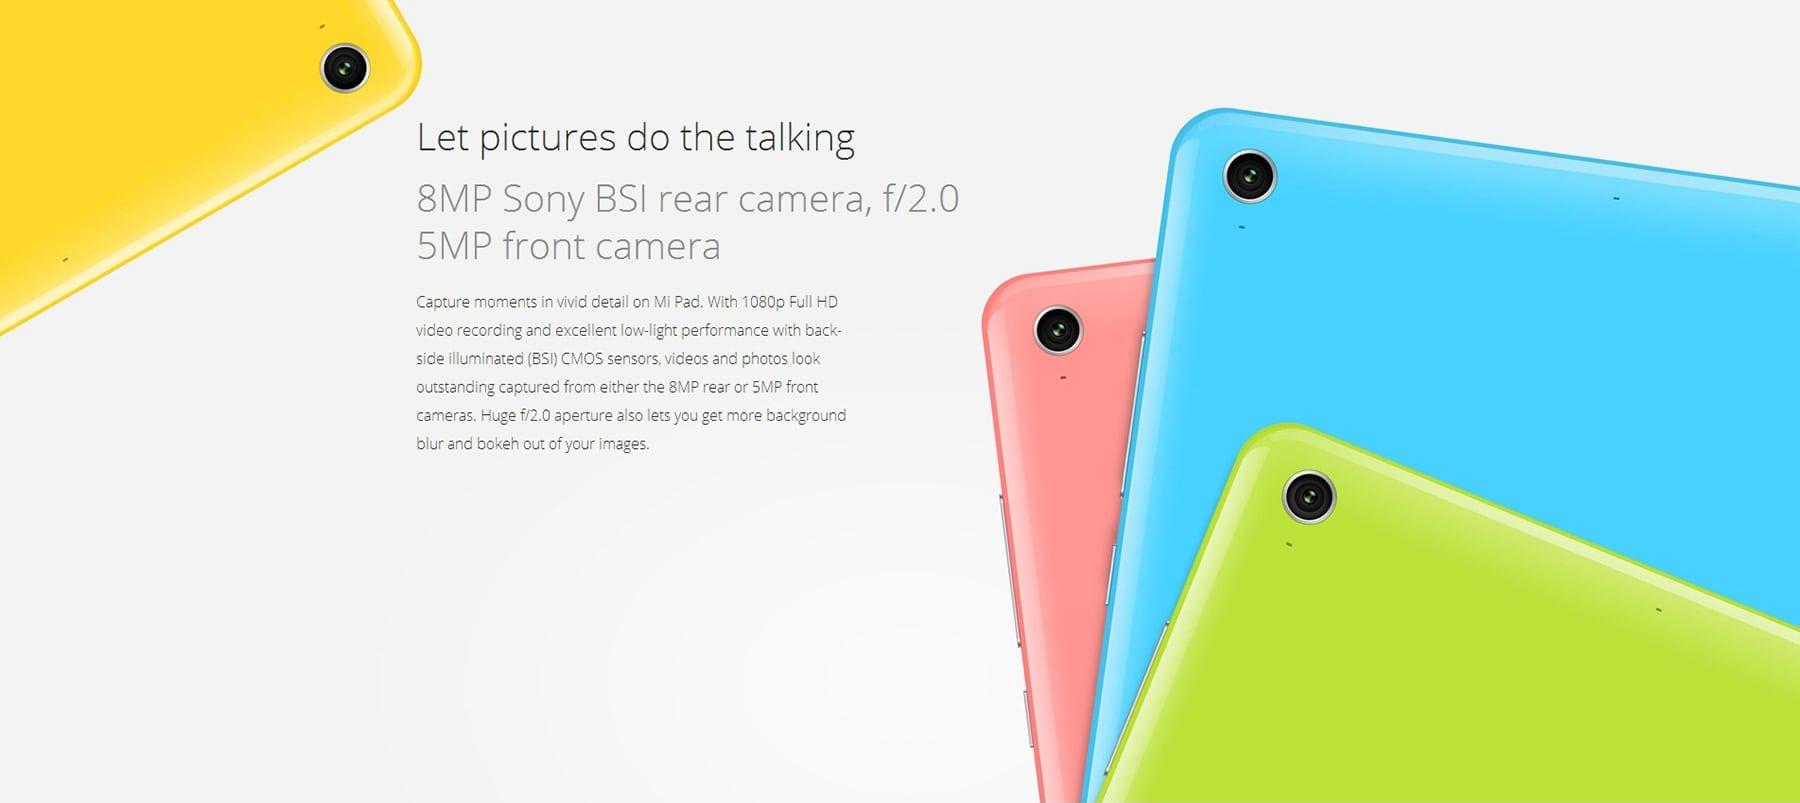 XiaoMi Mi Pad 64GB camera